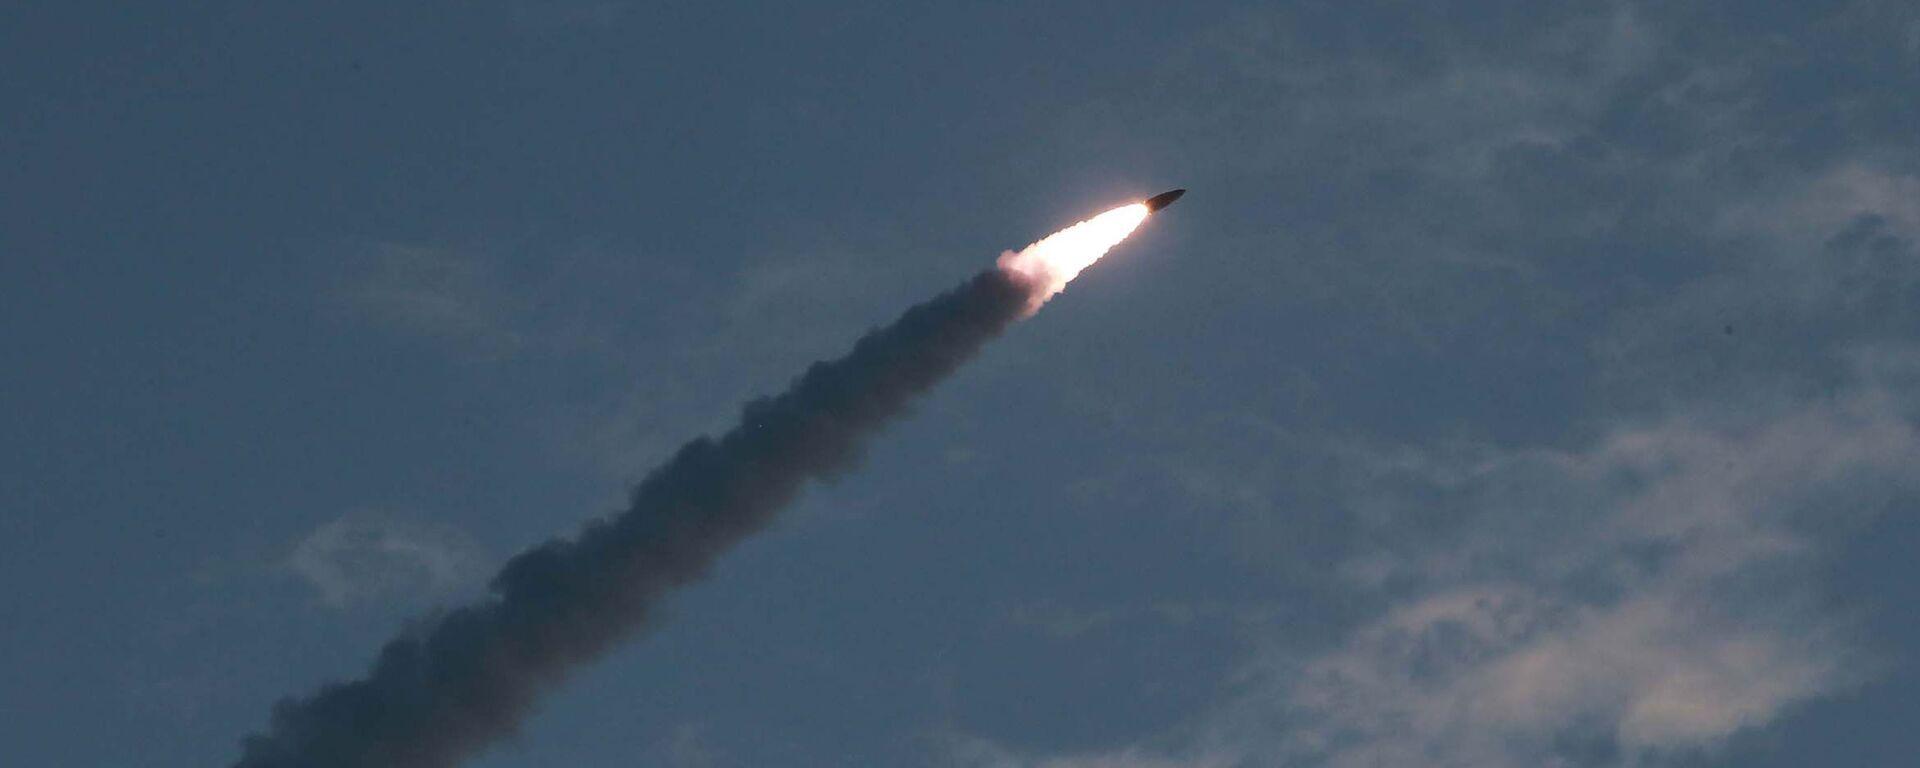 Testy rakietowe w Korei Północnej - Sputnik Polska, 1920, 29.09.2021